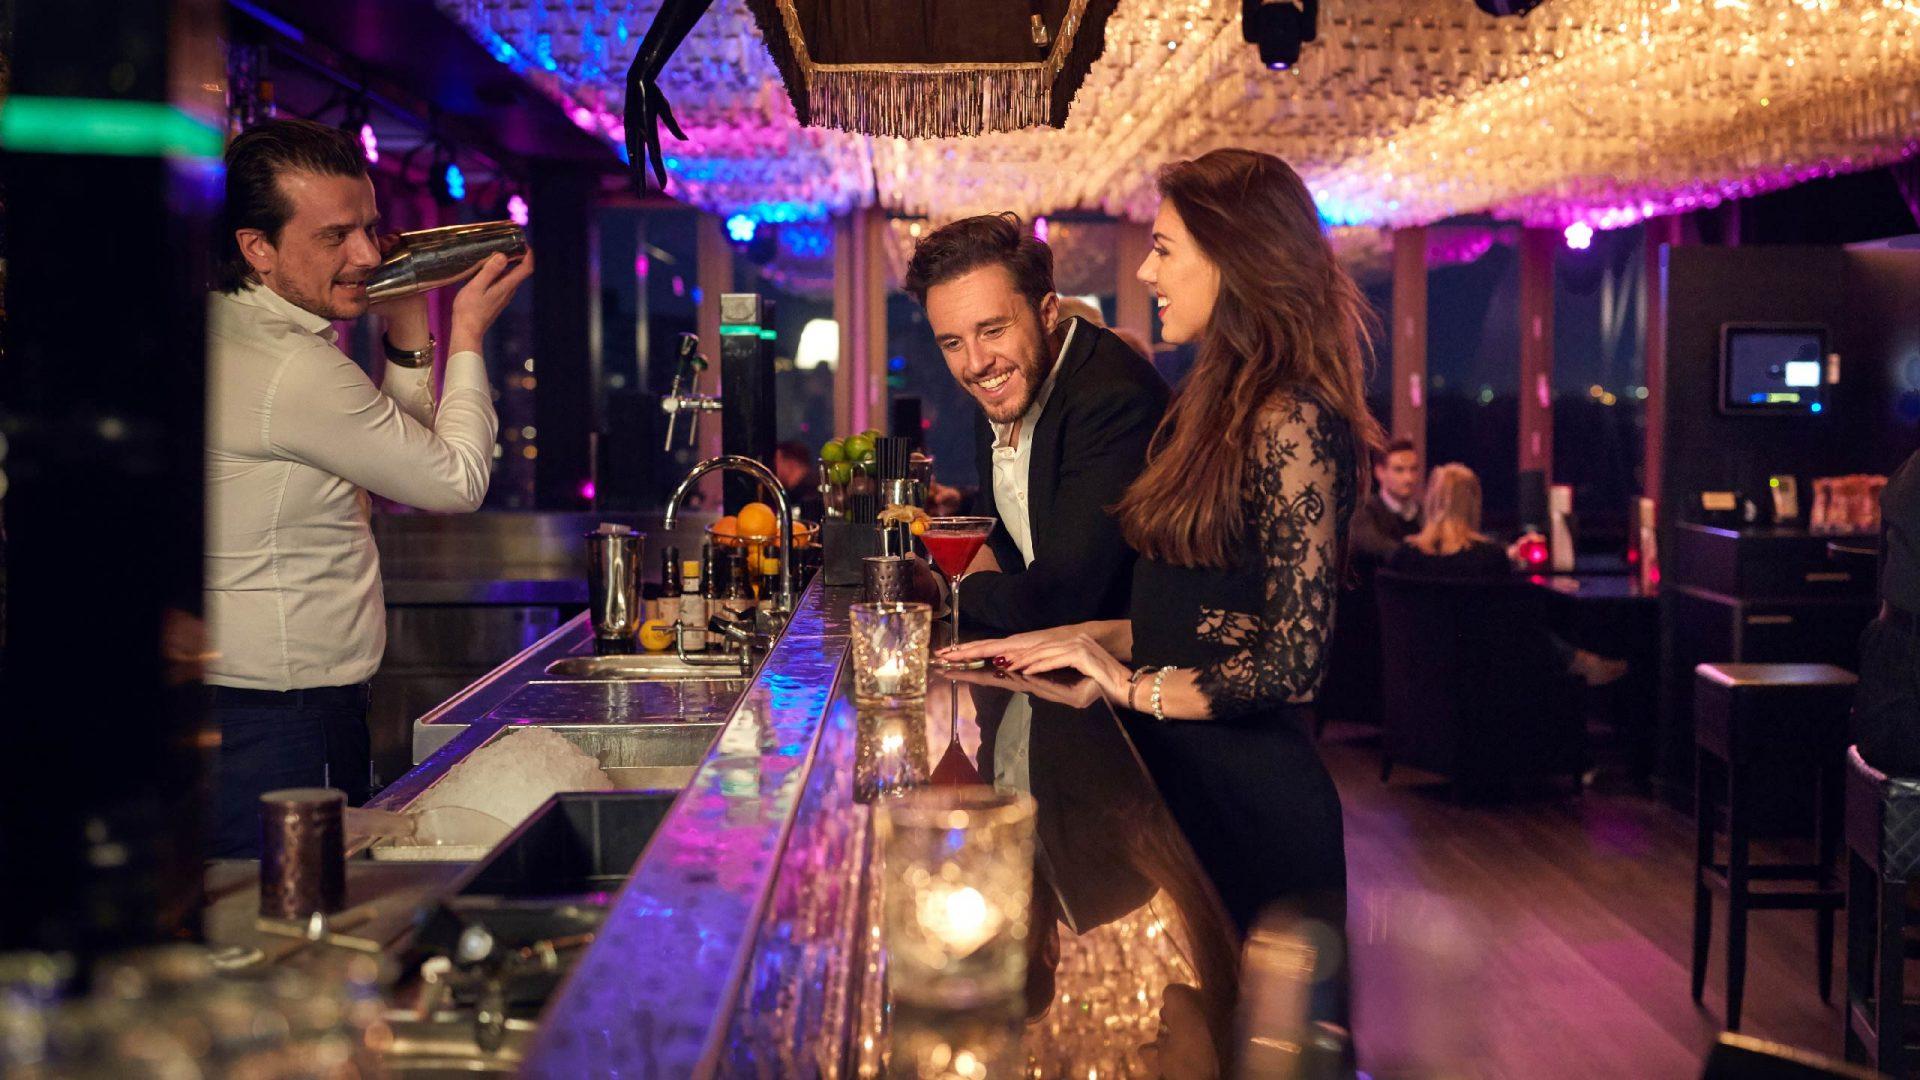 Fashion_Hotel_Amsterdam_Slider-V2-02